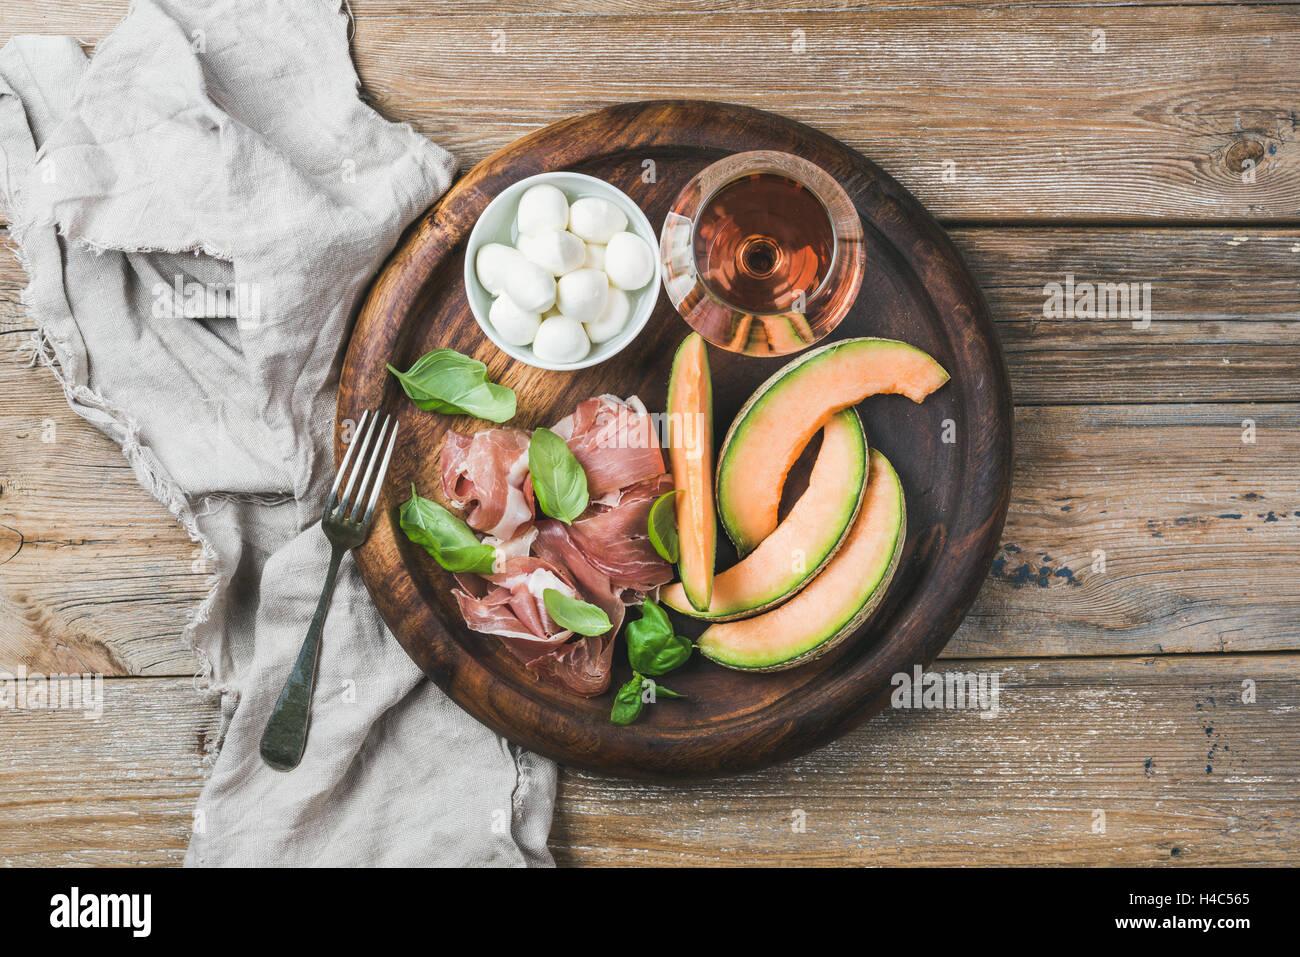 Prosciutto, melón, mozzarella y una copa de vino en la bandeja de madera Imagen De Stock